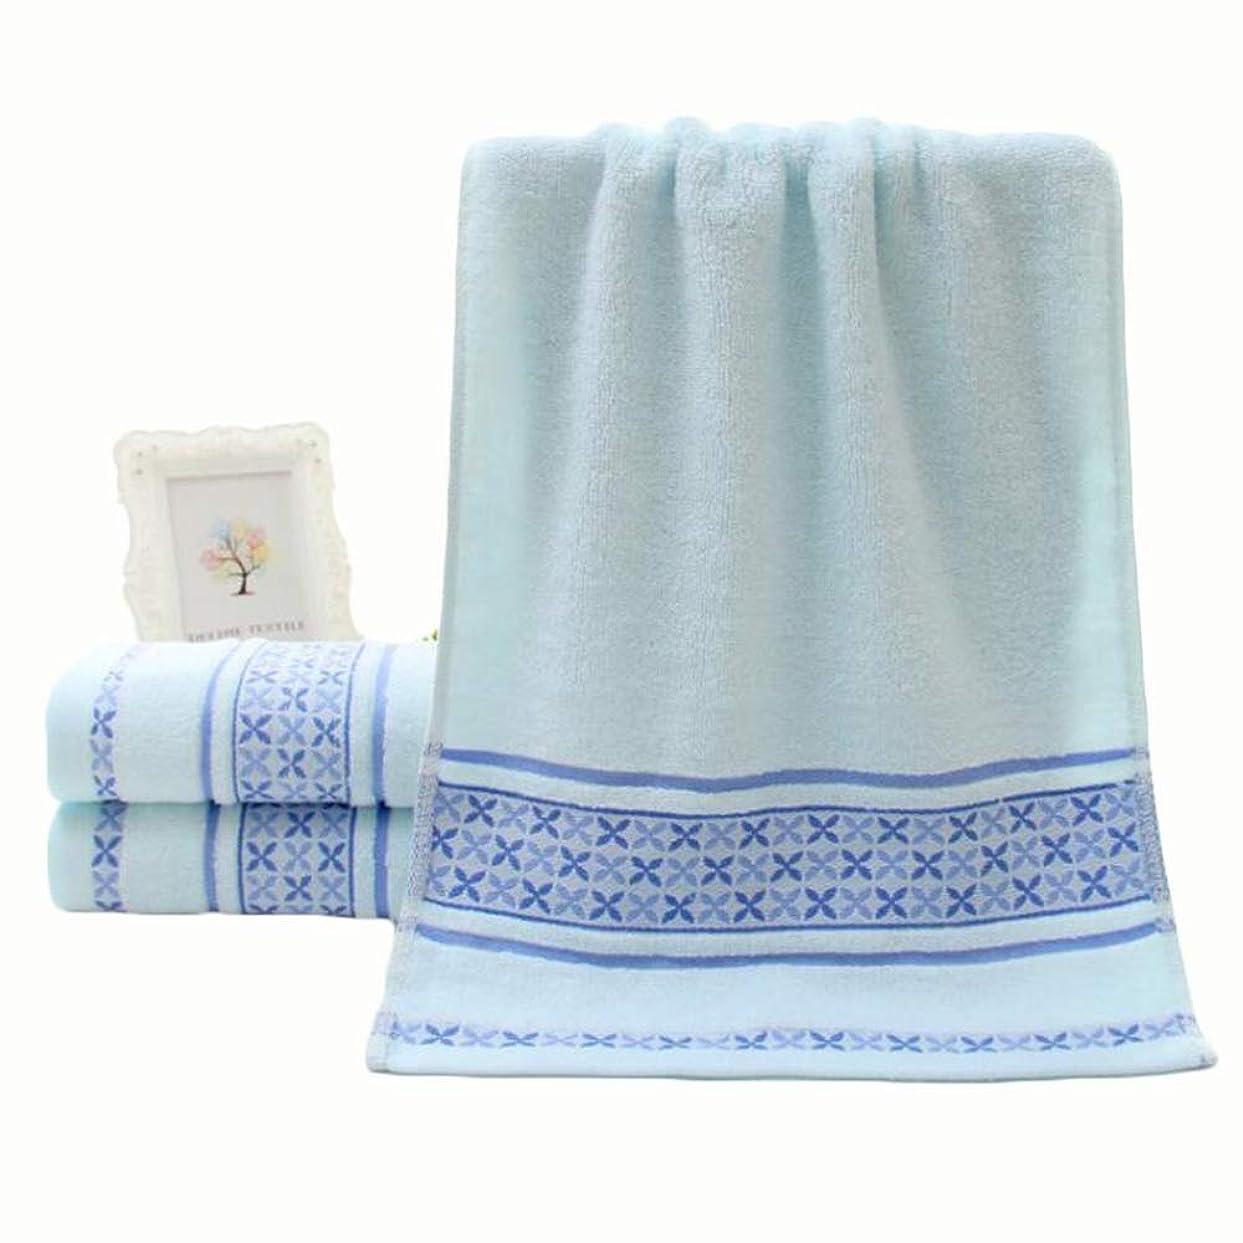 キャスト経営者シリングCXUNKK 2PCS / LOT家庭用綿洗いソフト吸収性ジャカードカップルタオル (Color : Blue)